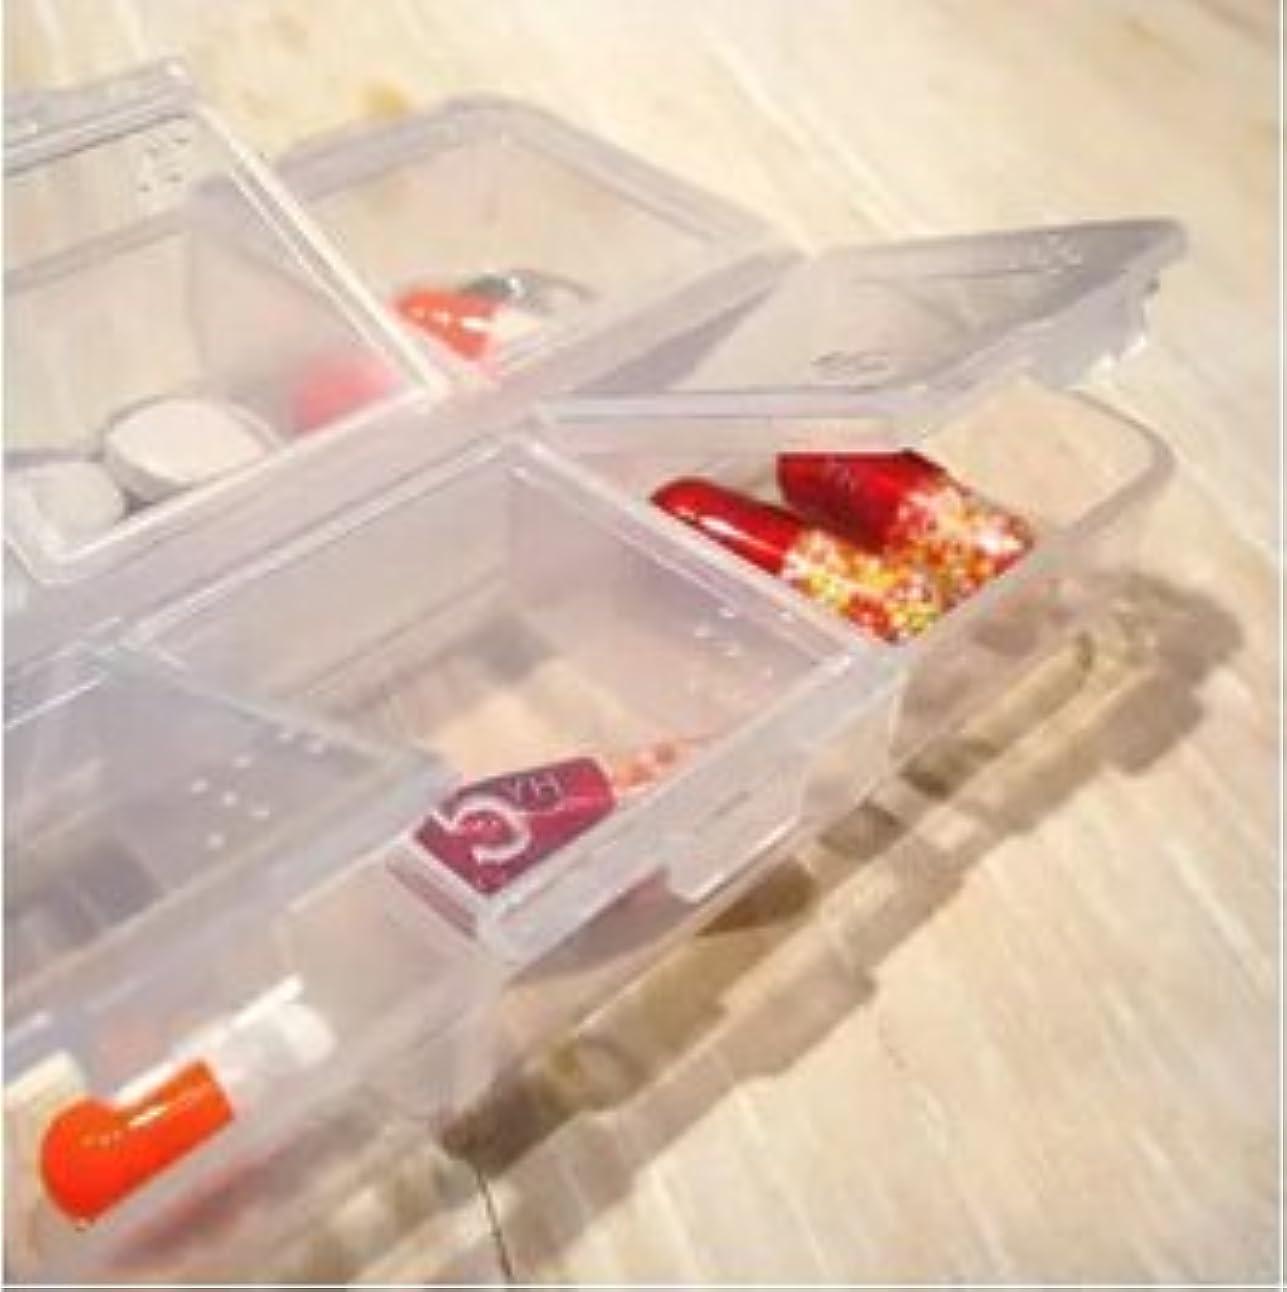 トリプルグラフィック気性Lorny (TM) 【送料無料】6スロット透明なプラスチックピルボックス医学オーガナイザー多機能ピルケースポータブルストレージボックス [並行輸入品]